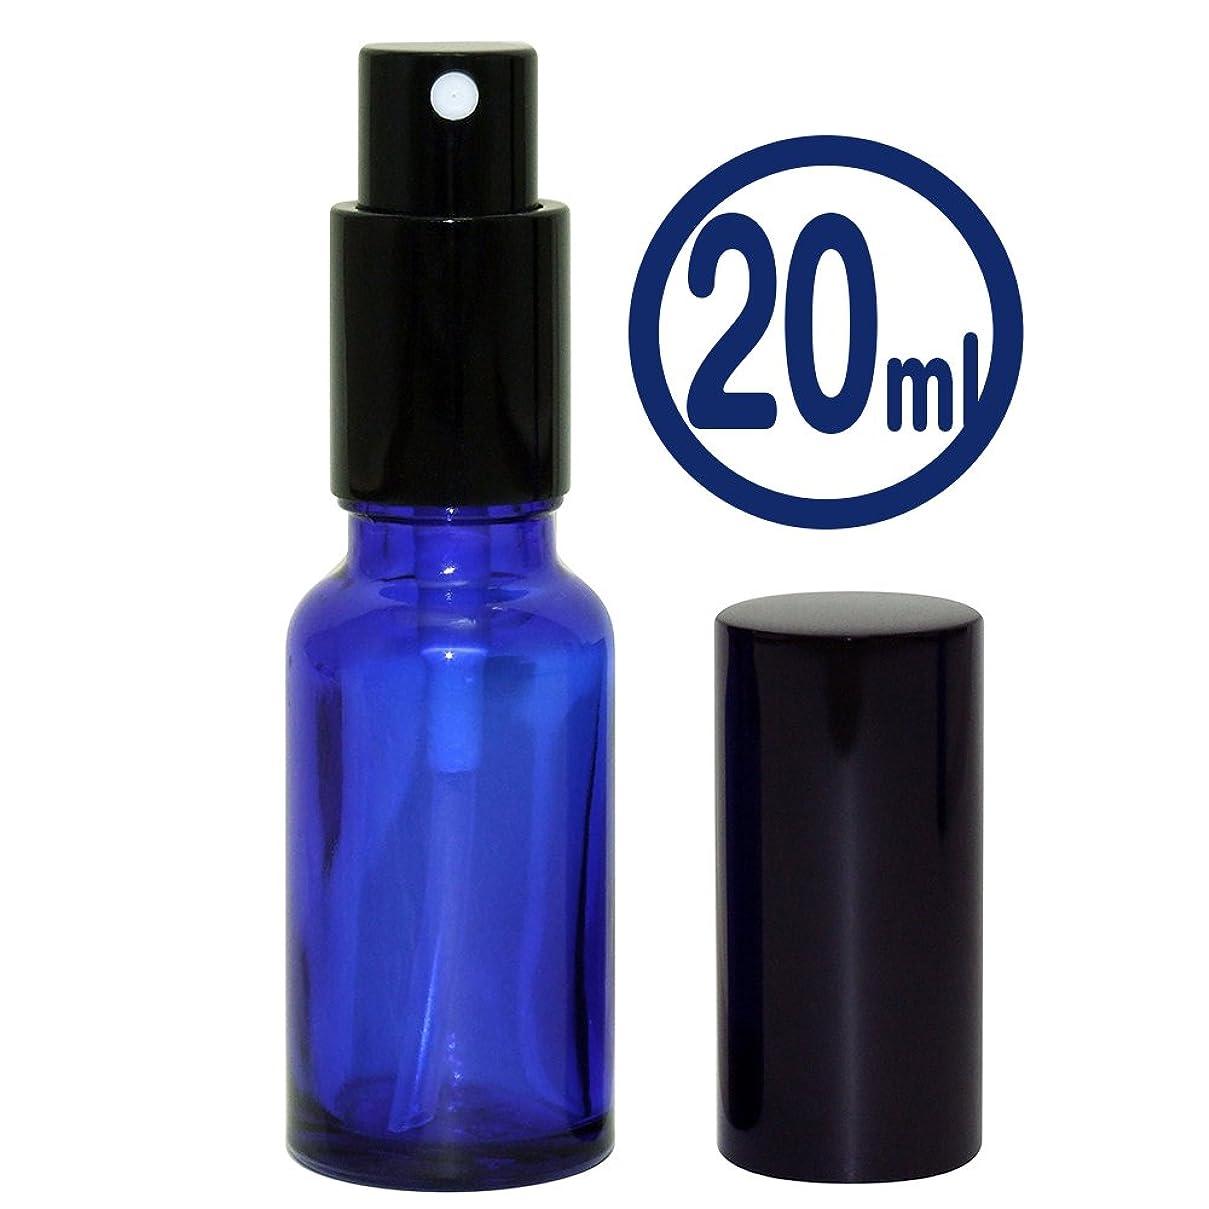 寸前すばらしいです革命的ガレージ?ゼロ 遮光ガラス瓶 スプレータイプ【青】 20ml/GZSQ12/スプレーボトル/アトマイザー/アロマ保存(青20ml)